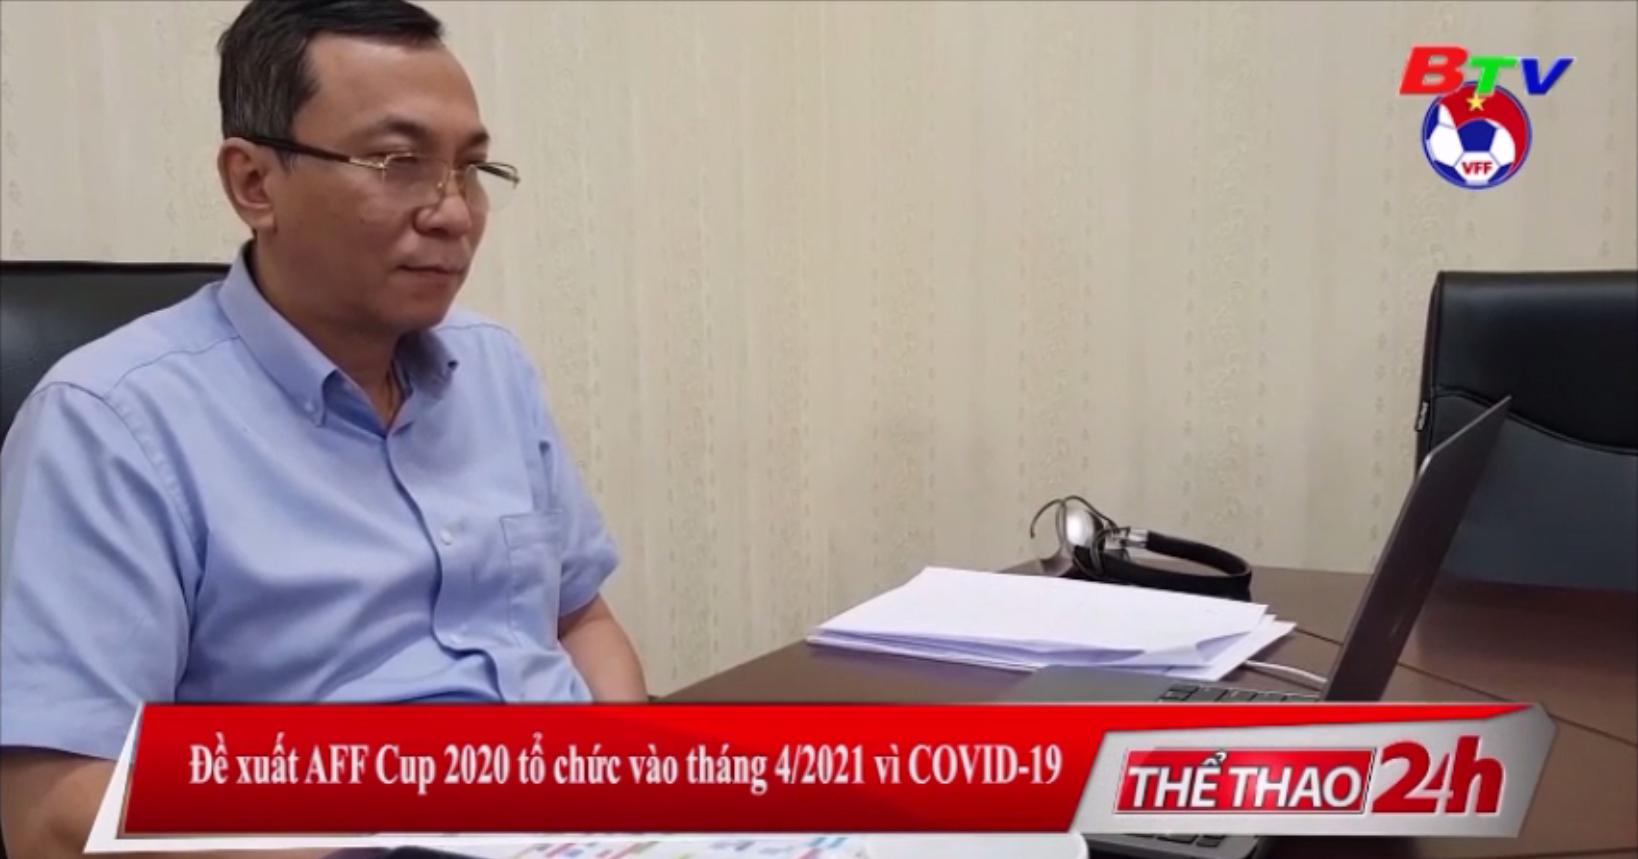 Đề xuất AFF Cup 2020 tổ chức vào tháng 4-2021 vì Covid-19